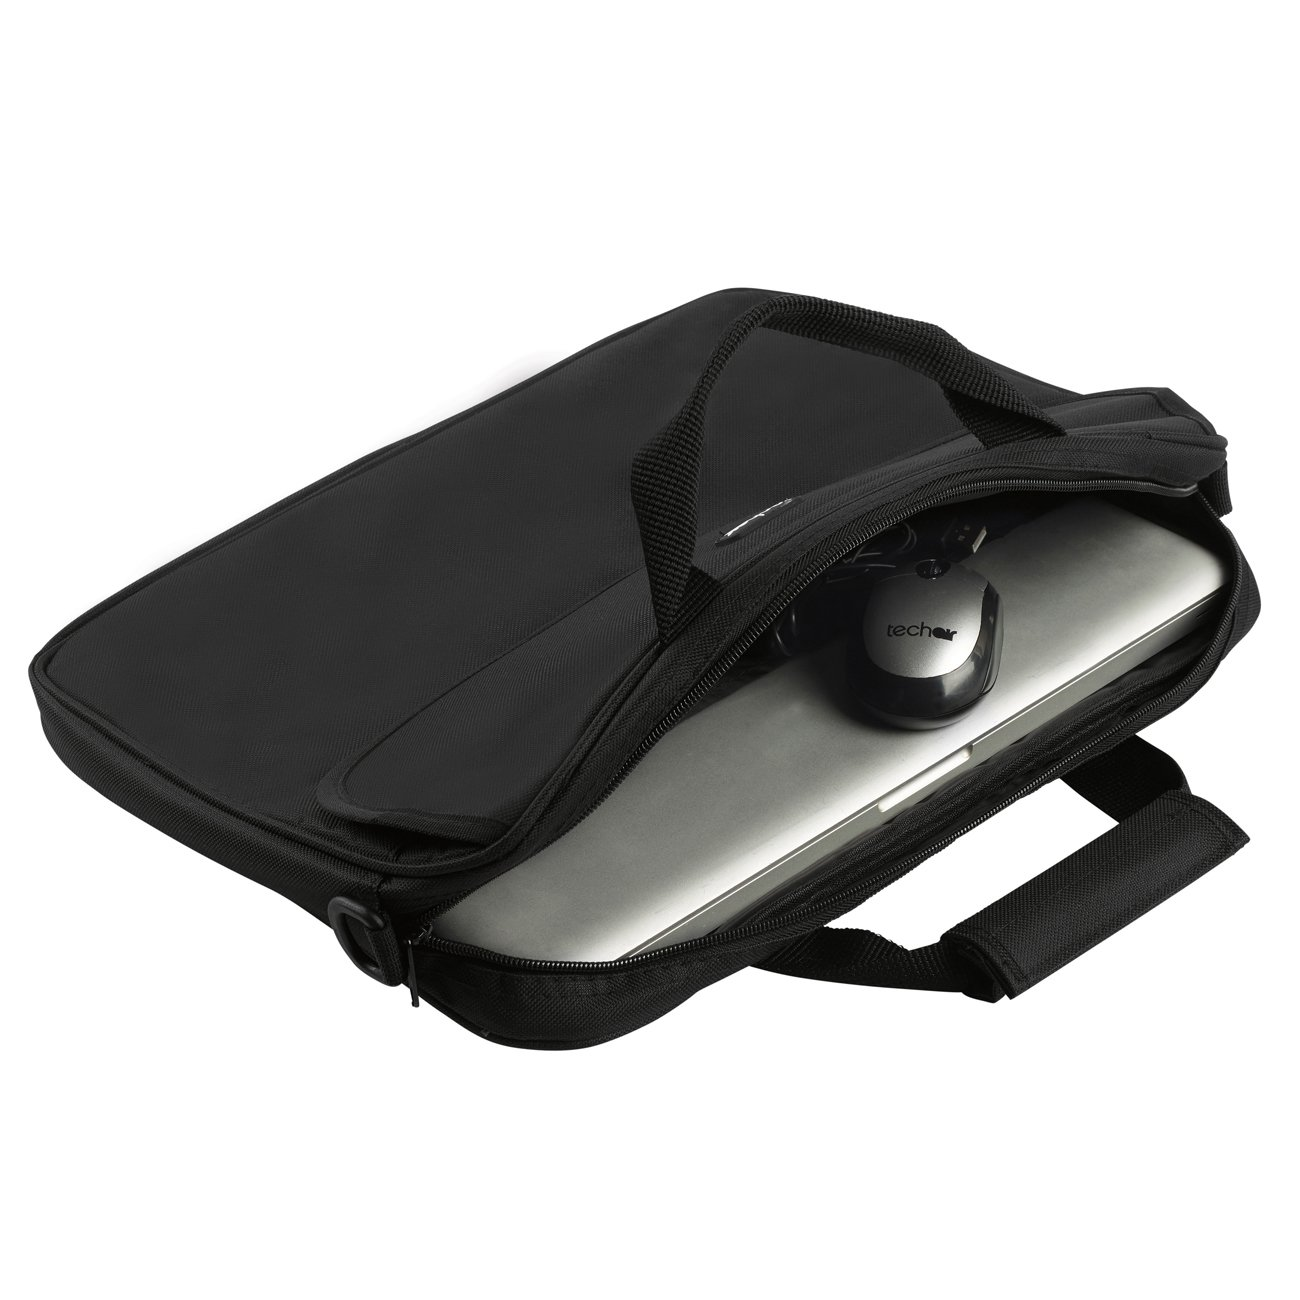 Import Royaume Uni Techair Z0140 Sacoche pour Ordinateur Portable 15,6